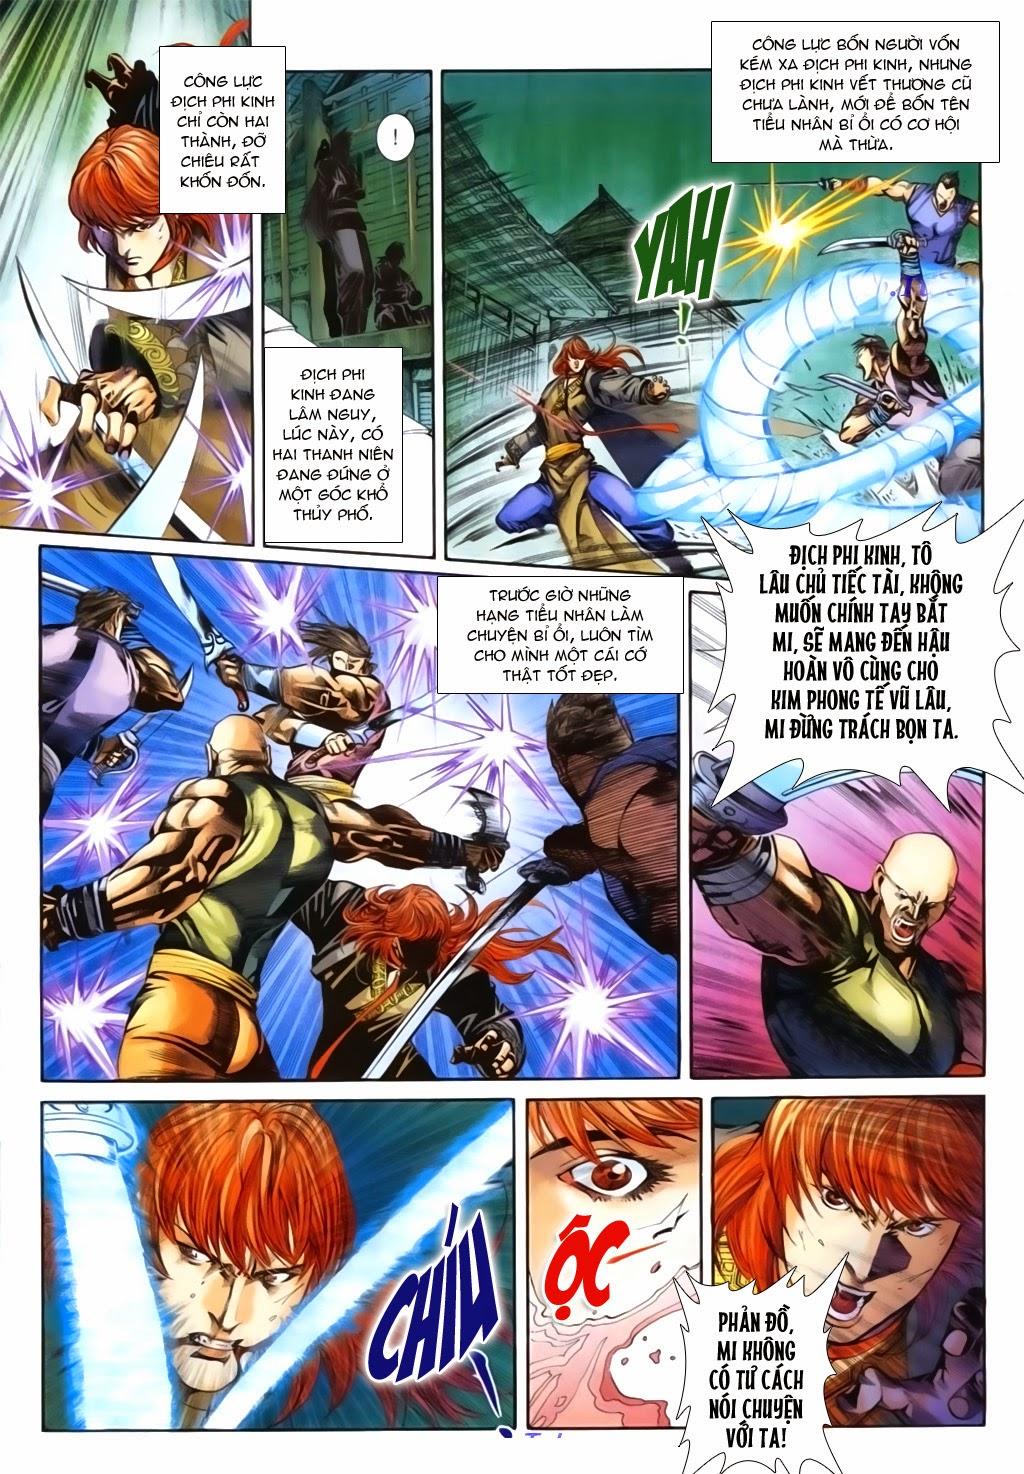 Thuyết Anh Hùng Thùy Thị Anh Hùng chap 16 Trang 27 - Mangak.info